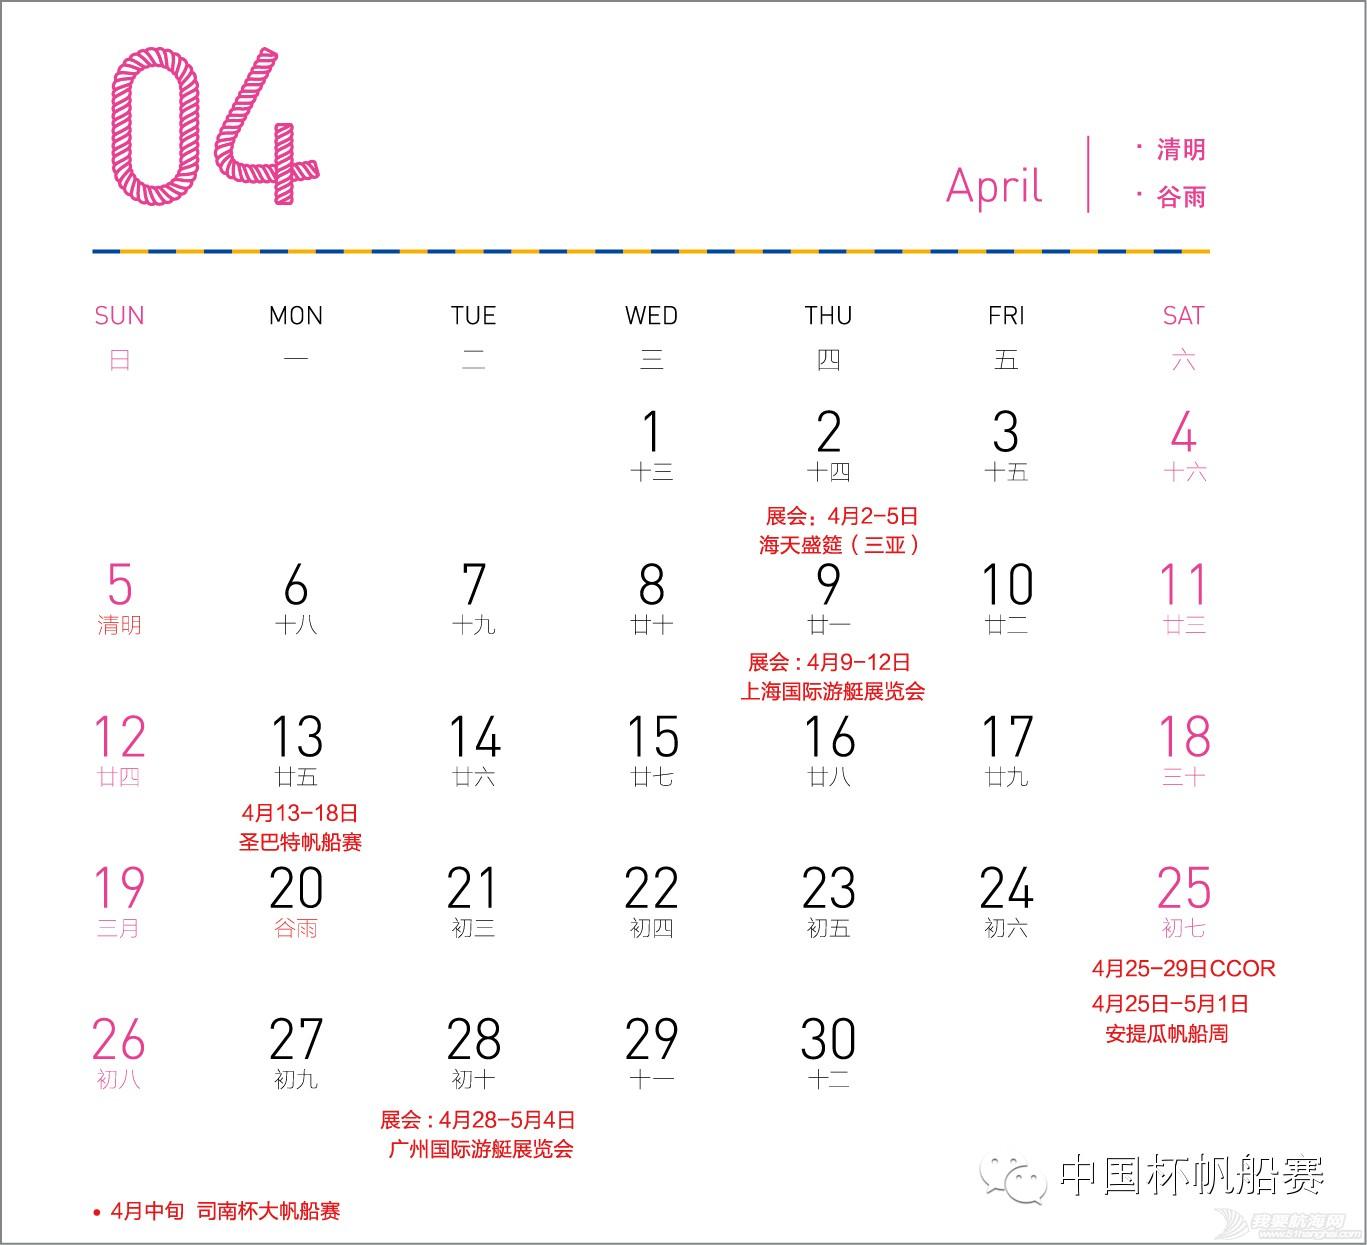 完整版,图片,中国,帆船,国际 2015年国际帆船赛历 4e816ff613f237e45fa52daa82b8e31f.jpg